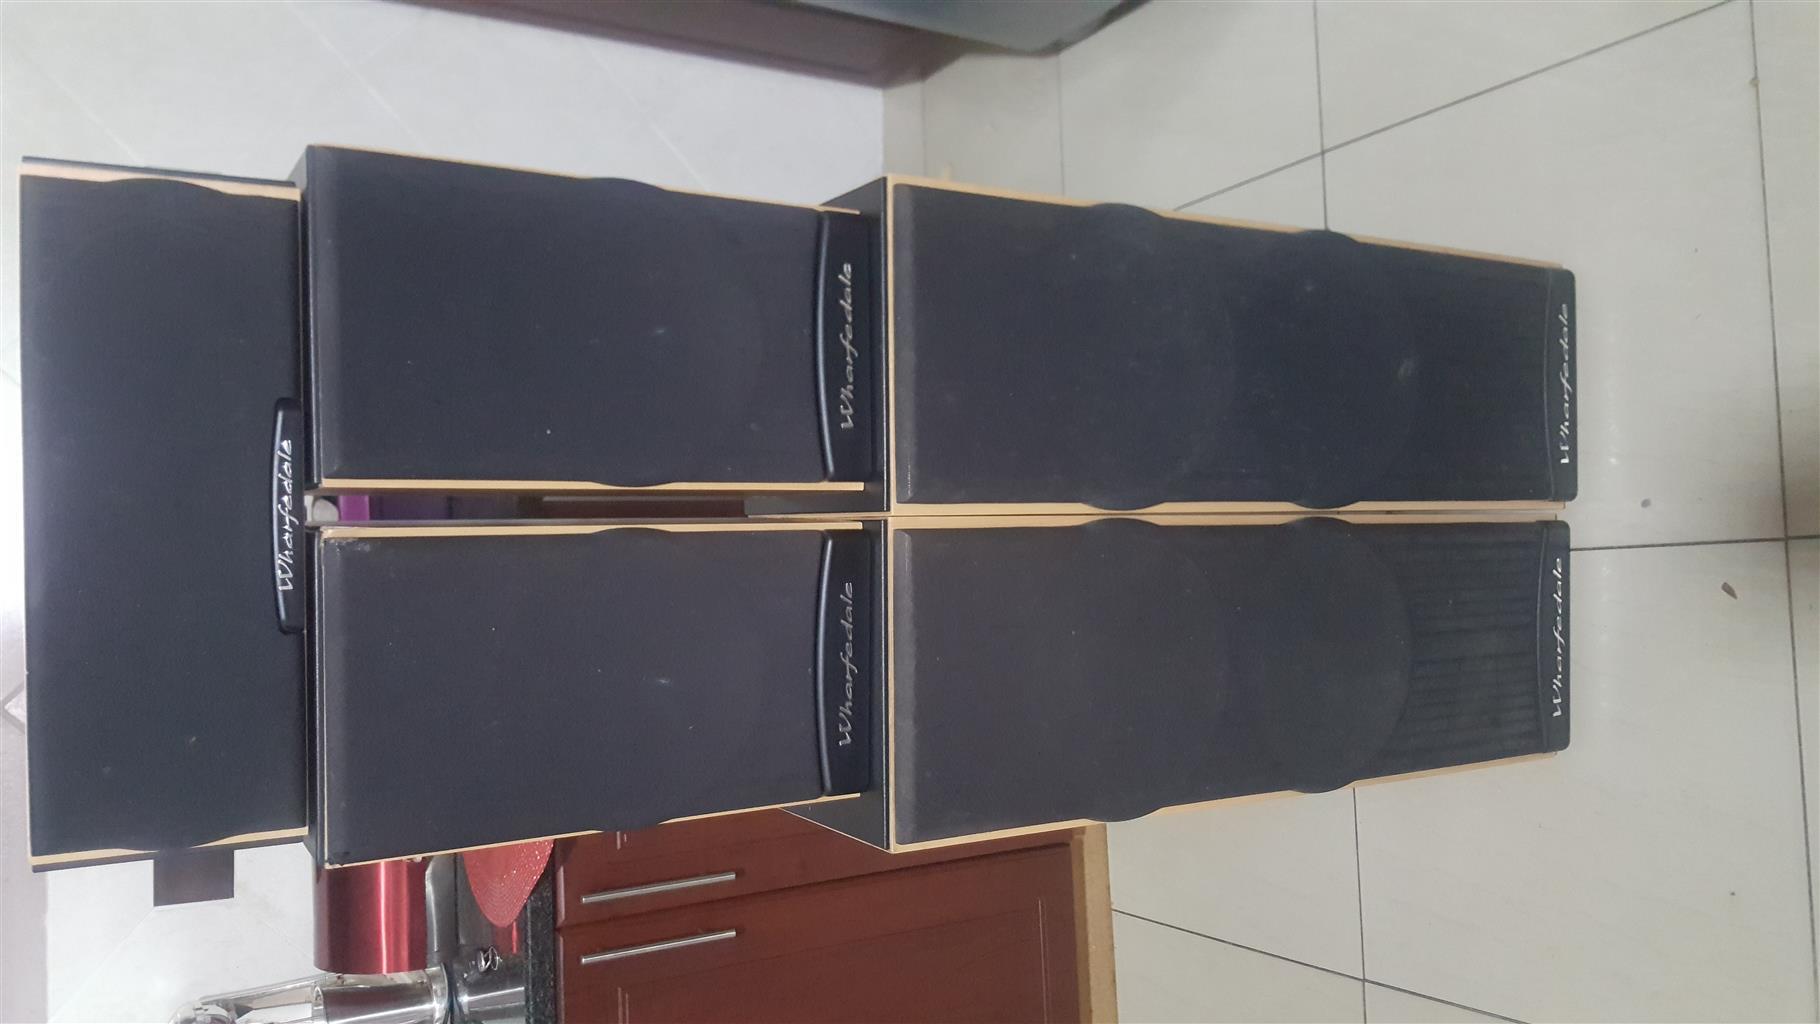 Wharfedale Atlantic series speaker set